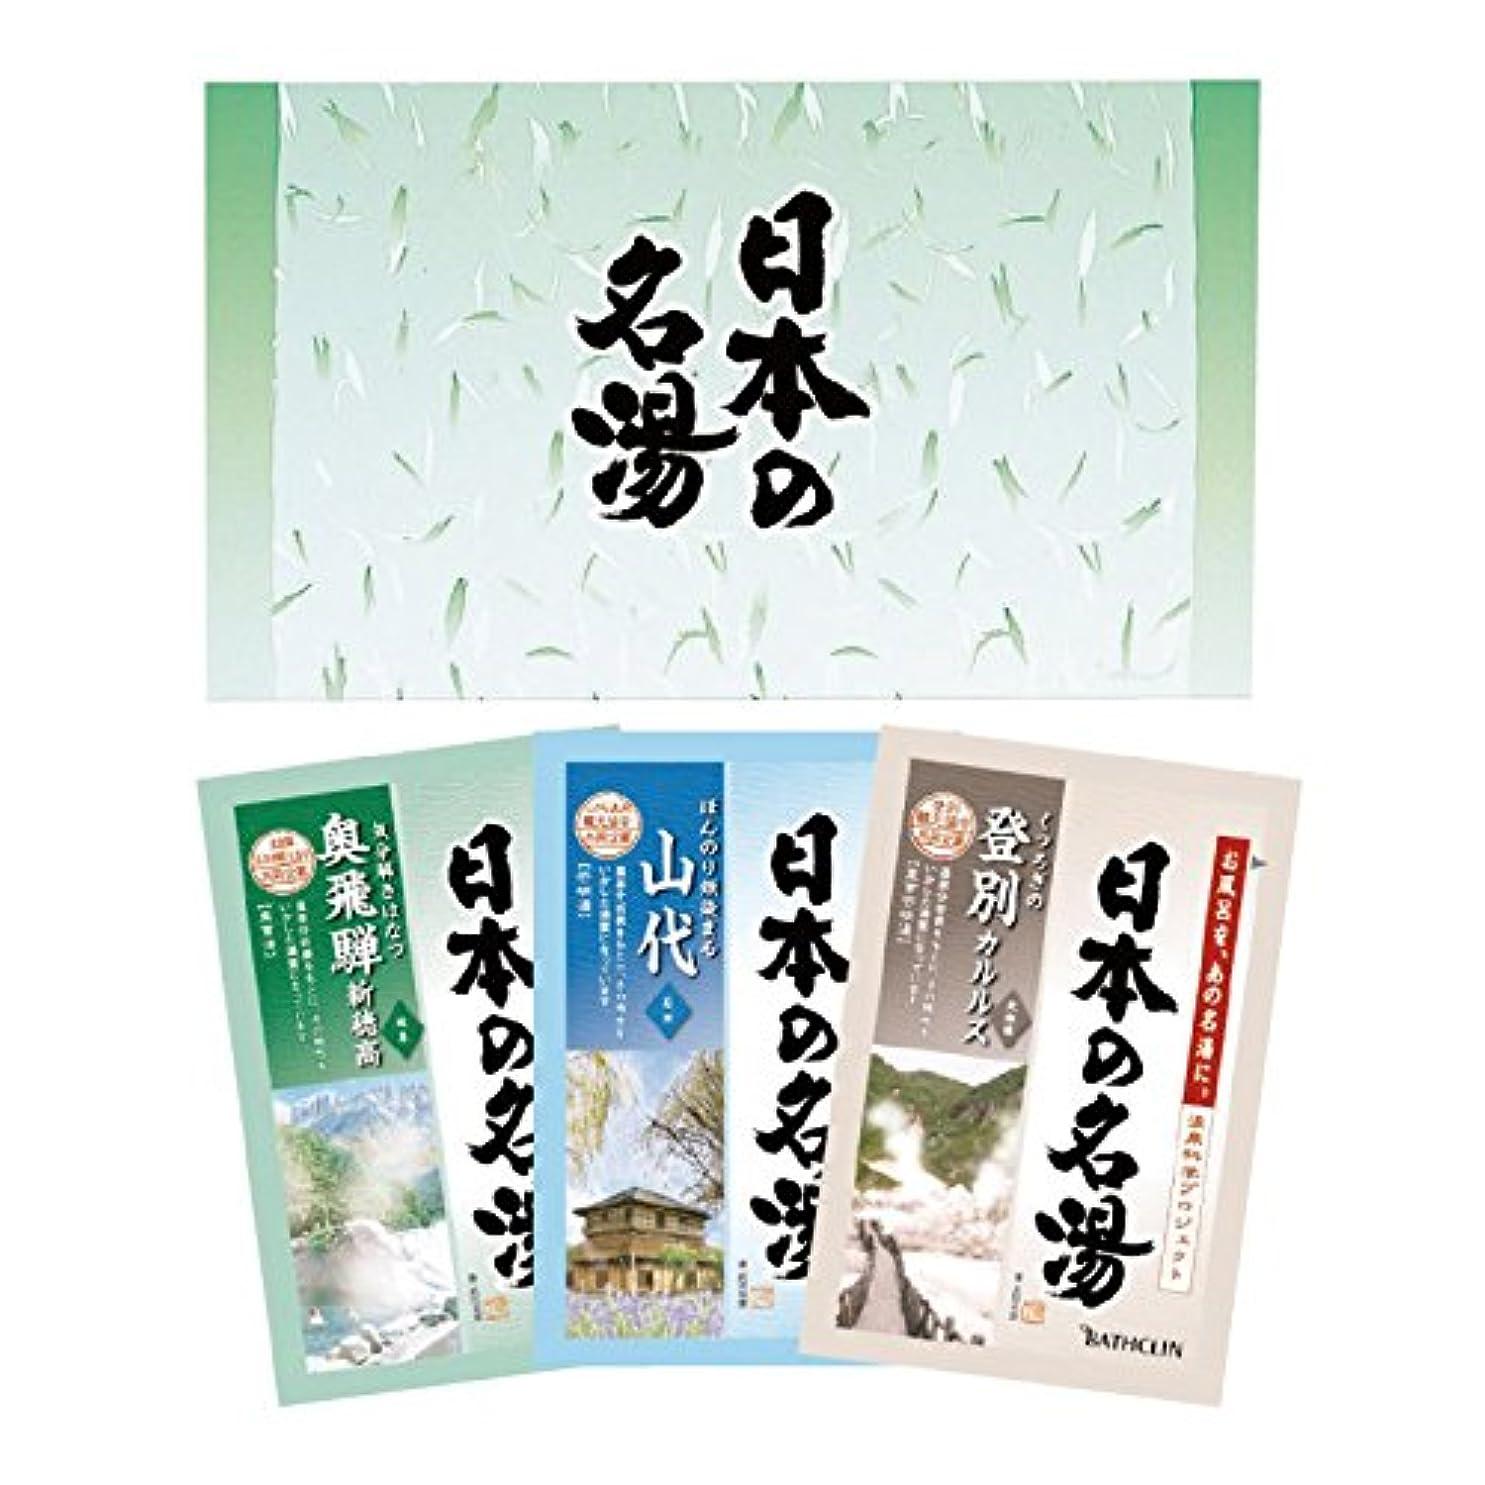 ファックスビルダー苗日本の名湯 入浴剤 3包入